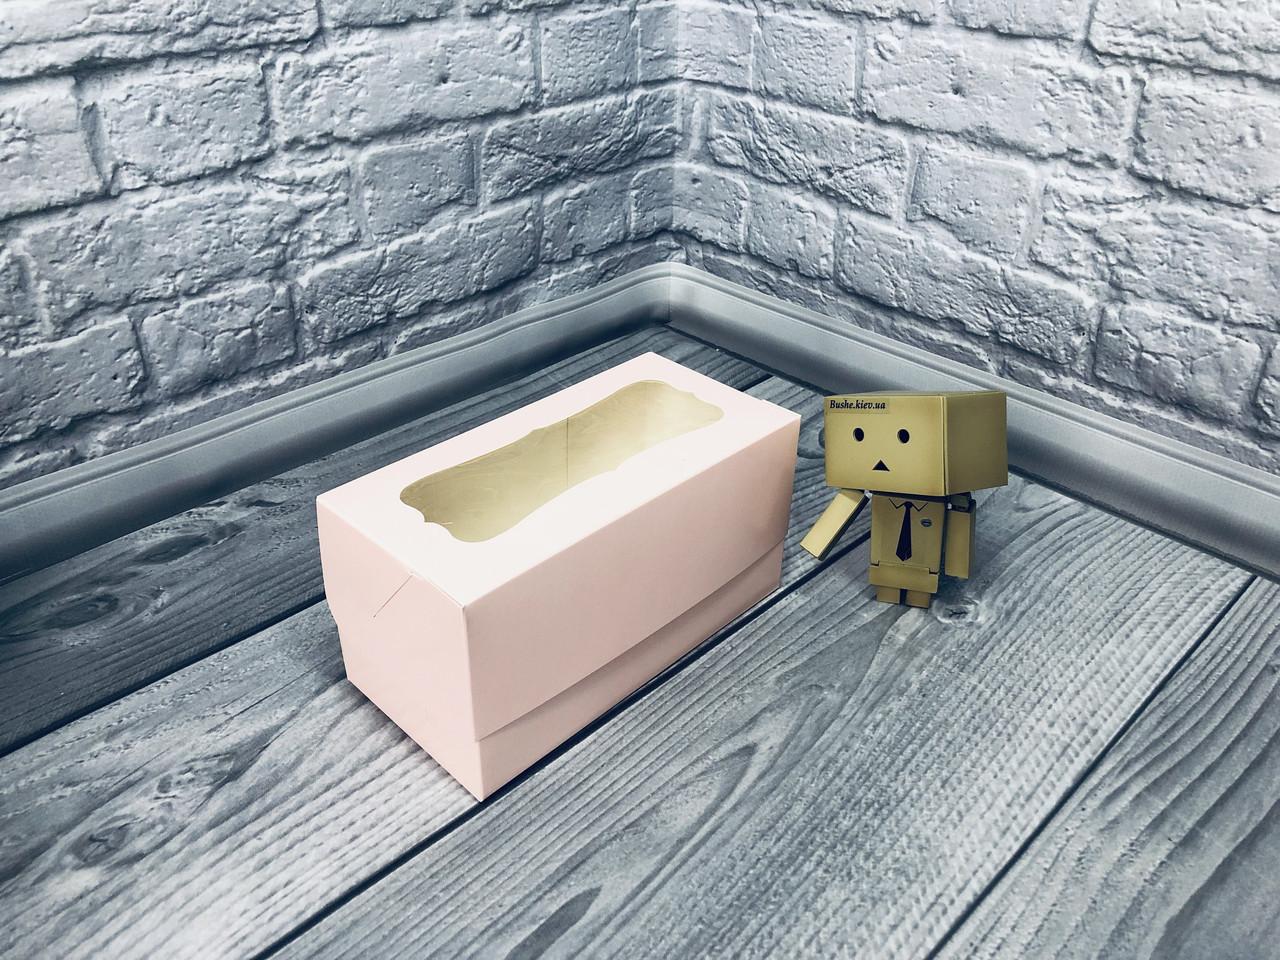 *10 шт* / Коробка для 2-ух кексов / 170х85х90 мм / печать-Пудр / окно-обычн  / лк